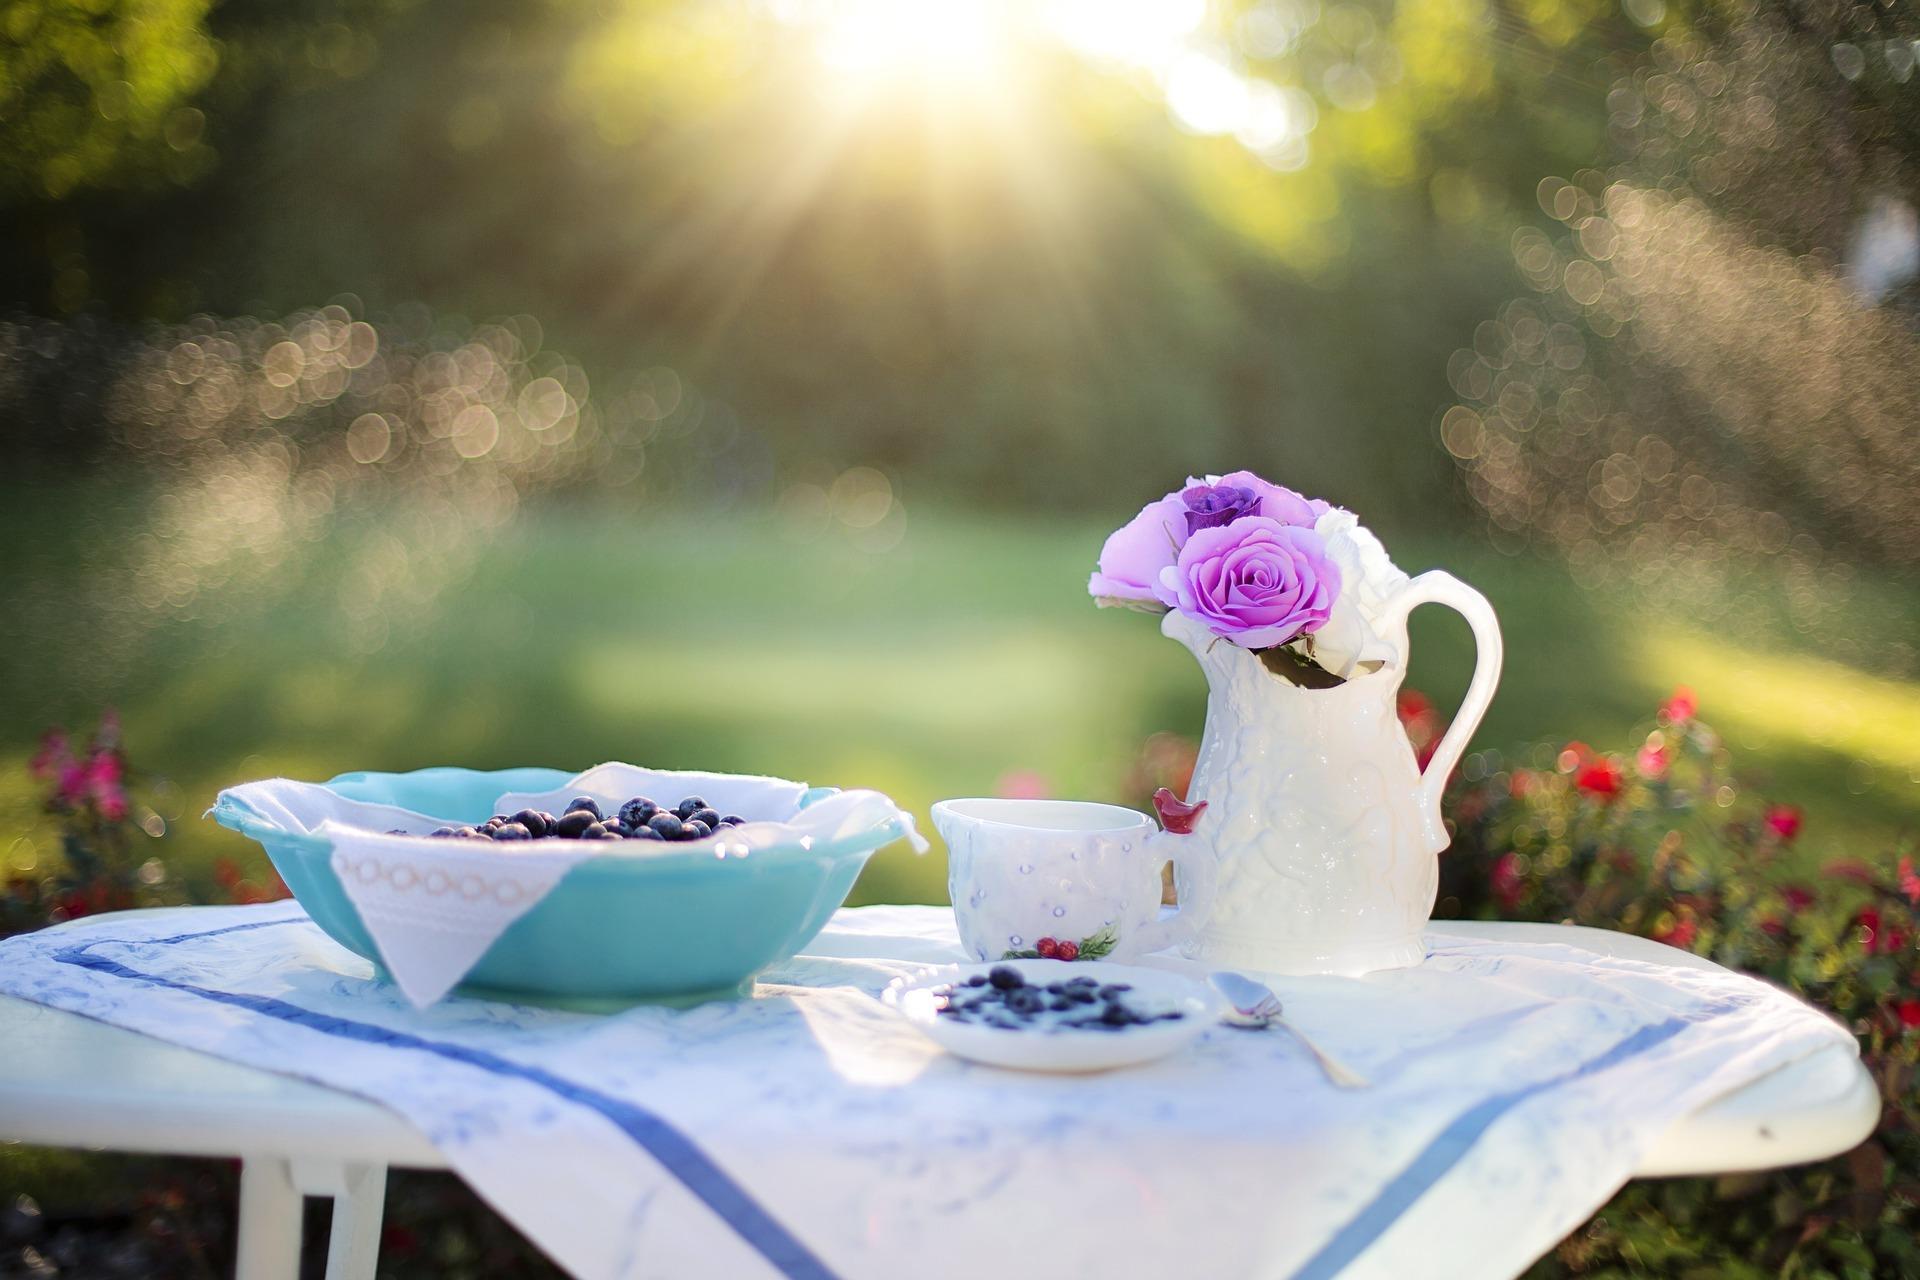 Early Bird sein - Frühstück im Garten